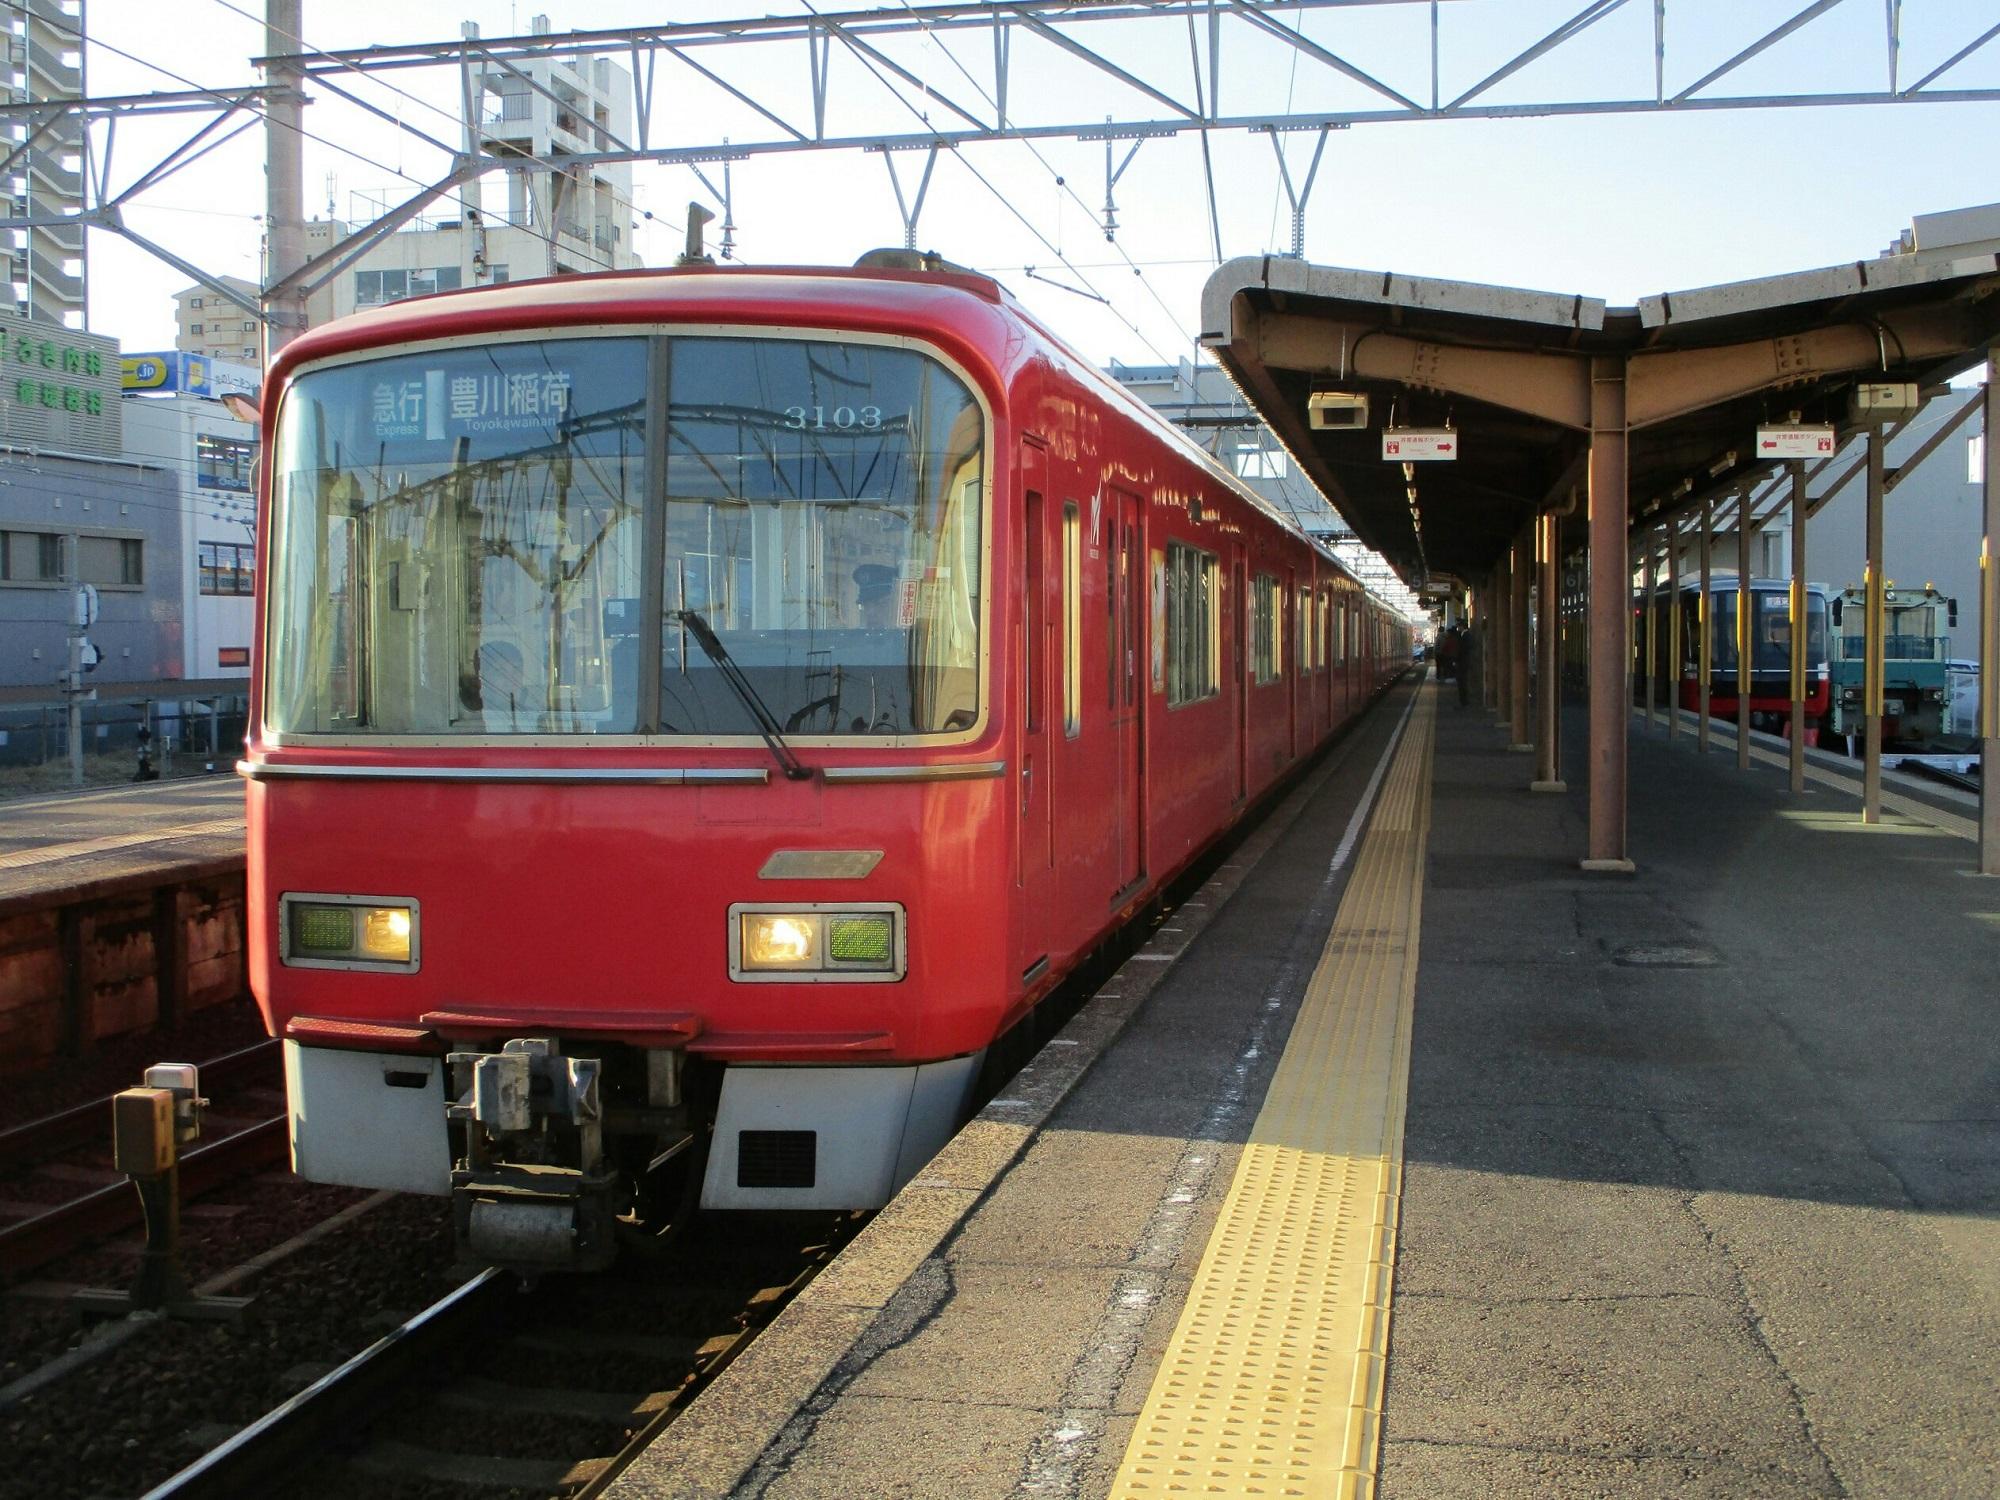 2019.1.4 (13) しんあんじょう - 豊川稲荷いき急行 2000-1500